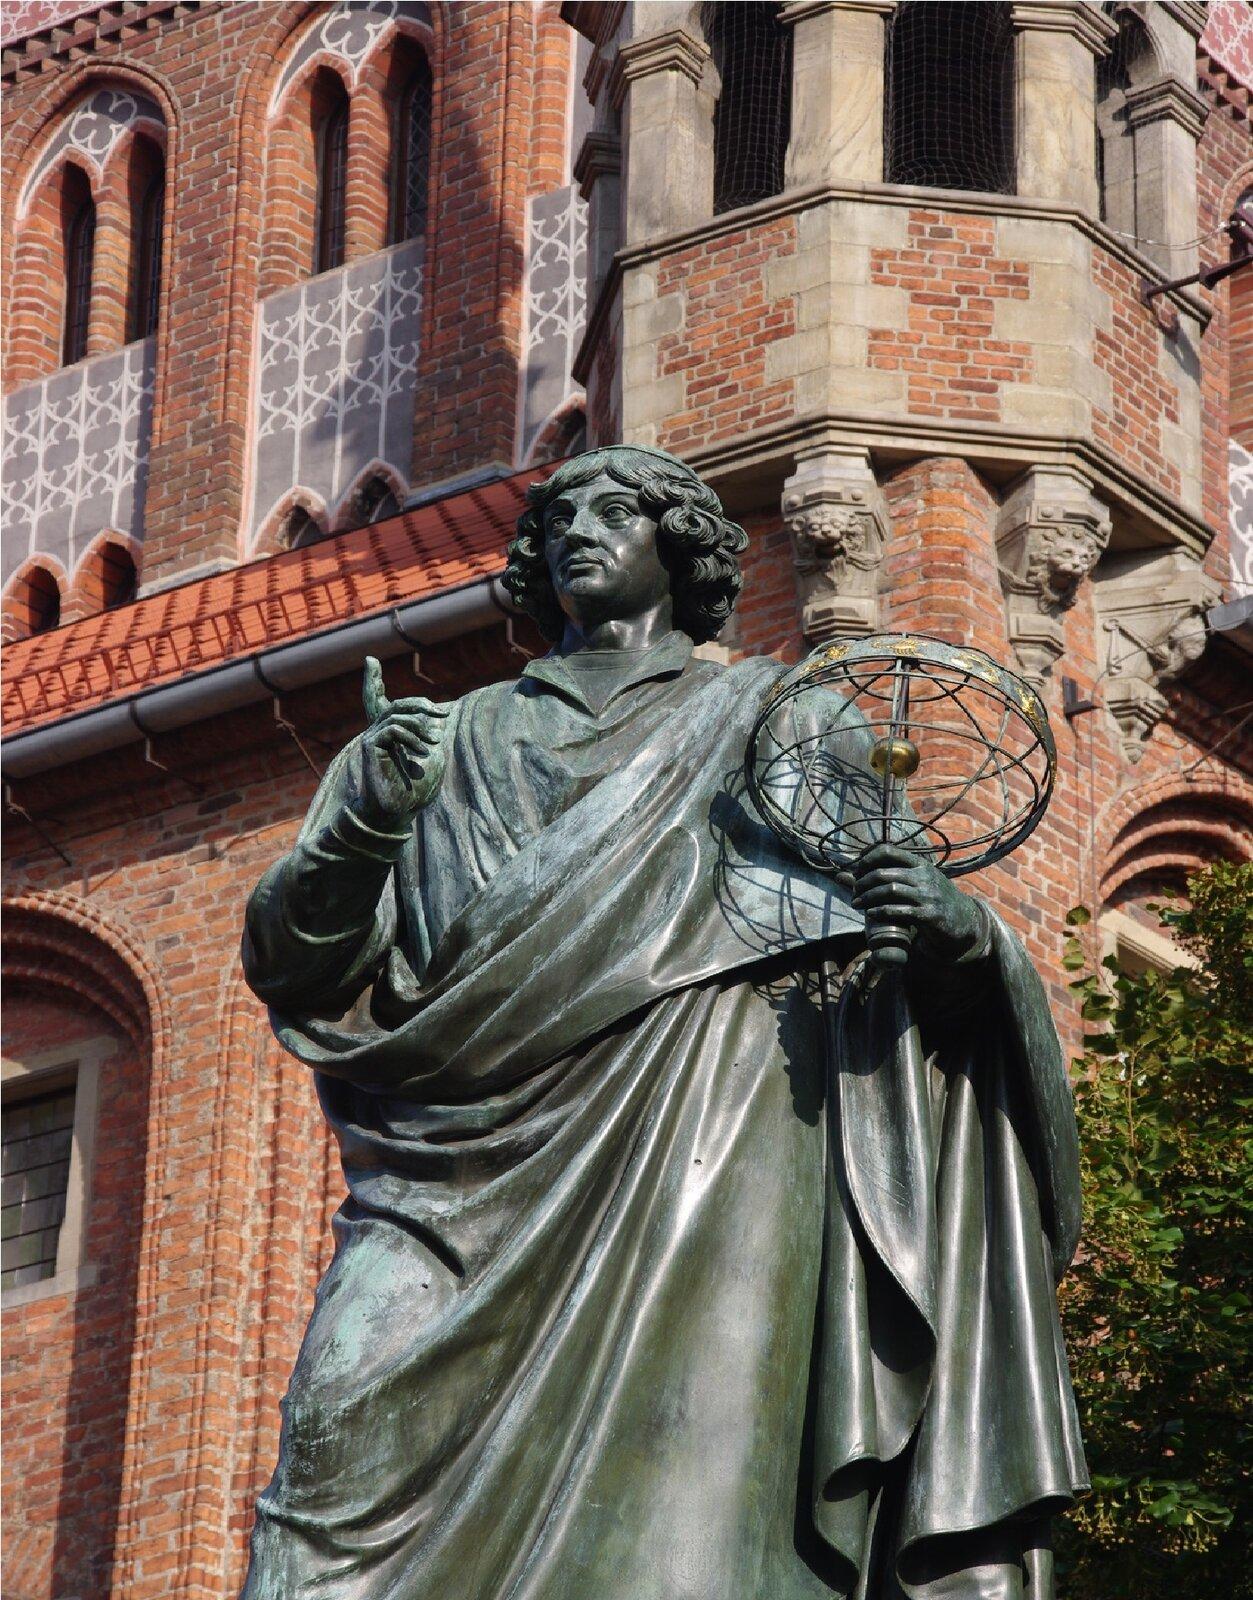 Ilustracja przedstawia posąg Mikołaja Kopernika wToruniu. Rzeźba ukazuje stojącego mężczyznę wśrednim wieku zpółdługimi, falowanymi włosami. Postać okryta jest pofałdowaną peleryną. Wlewej dłoni trzyma ażurowy model układu słonecznego. Prawą rękę zwysuniętym do góry, wskazującym palcem ma zgiętą włokciu ilekko uniesioną. Odlana zbrązu, ciemno-zielona rzeźba ustawiona jest na tle wykonanej zczerwonej cegły, barokowej fasady.